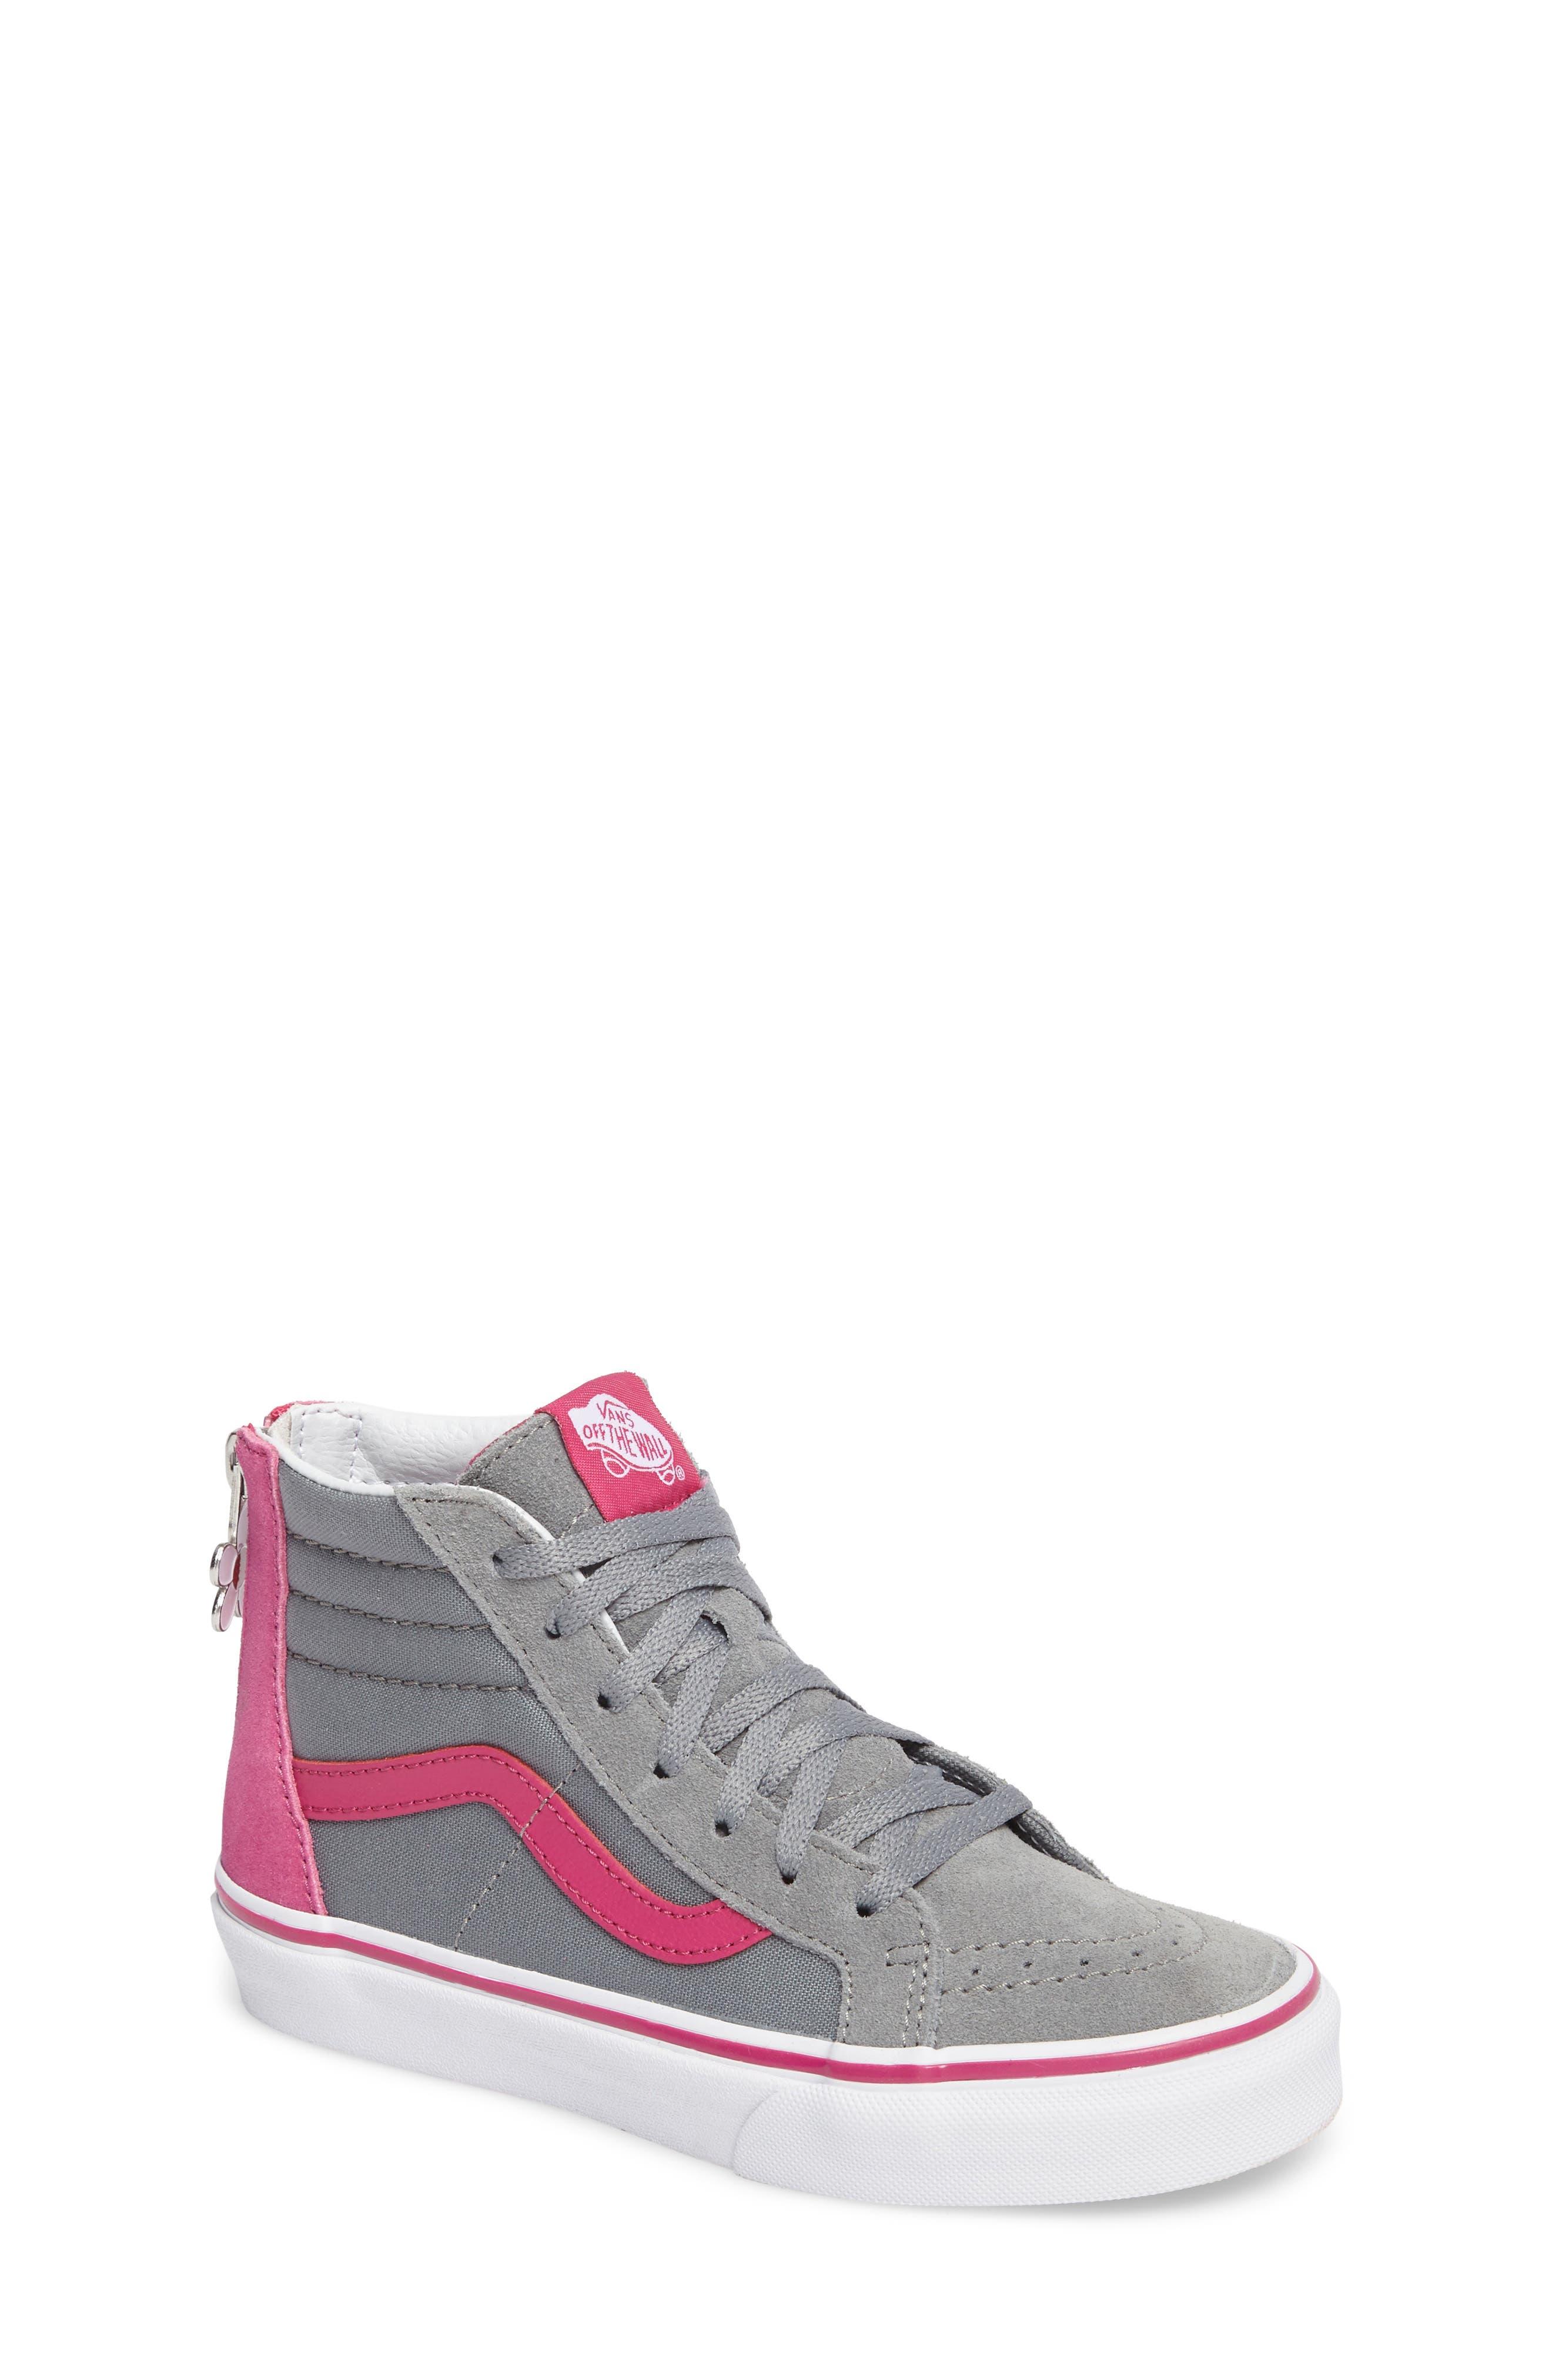 Vans SK8-Hi Zip-Up Sneaker (Toddler, Little Kid & Big Kid)